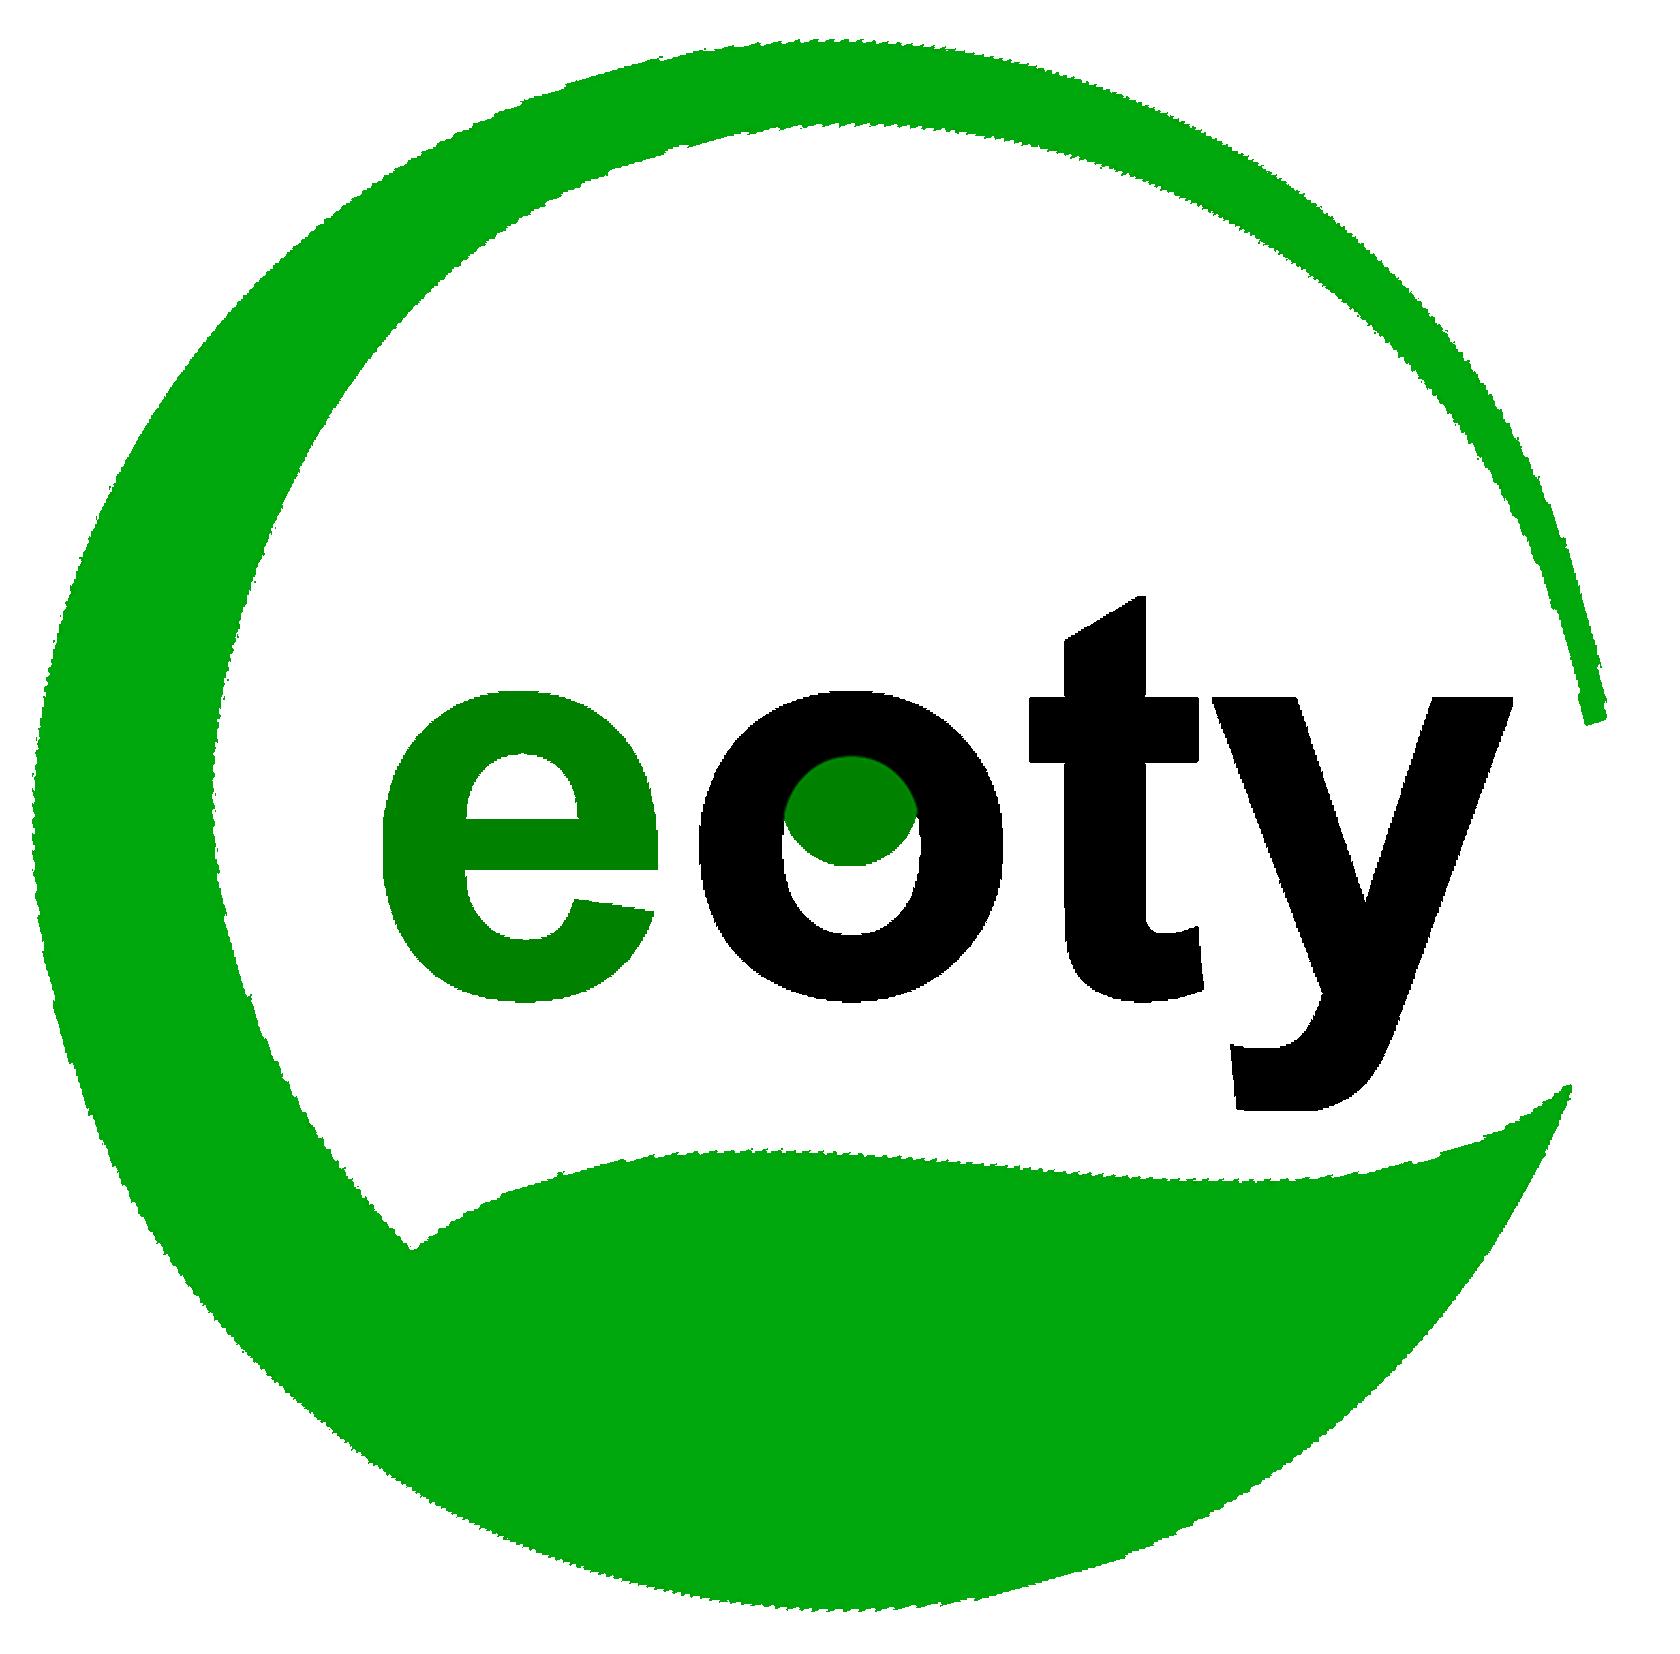 Kho Hàng Tổng EOTYSTORE - Dự án BEST-Affiliate 4.0